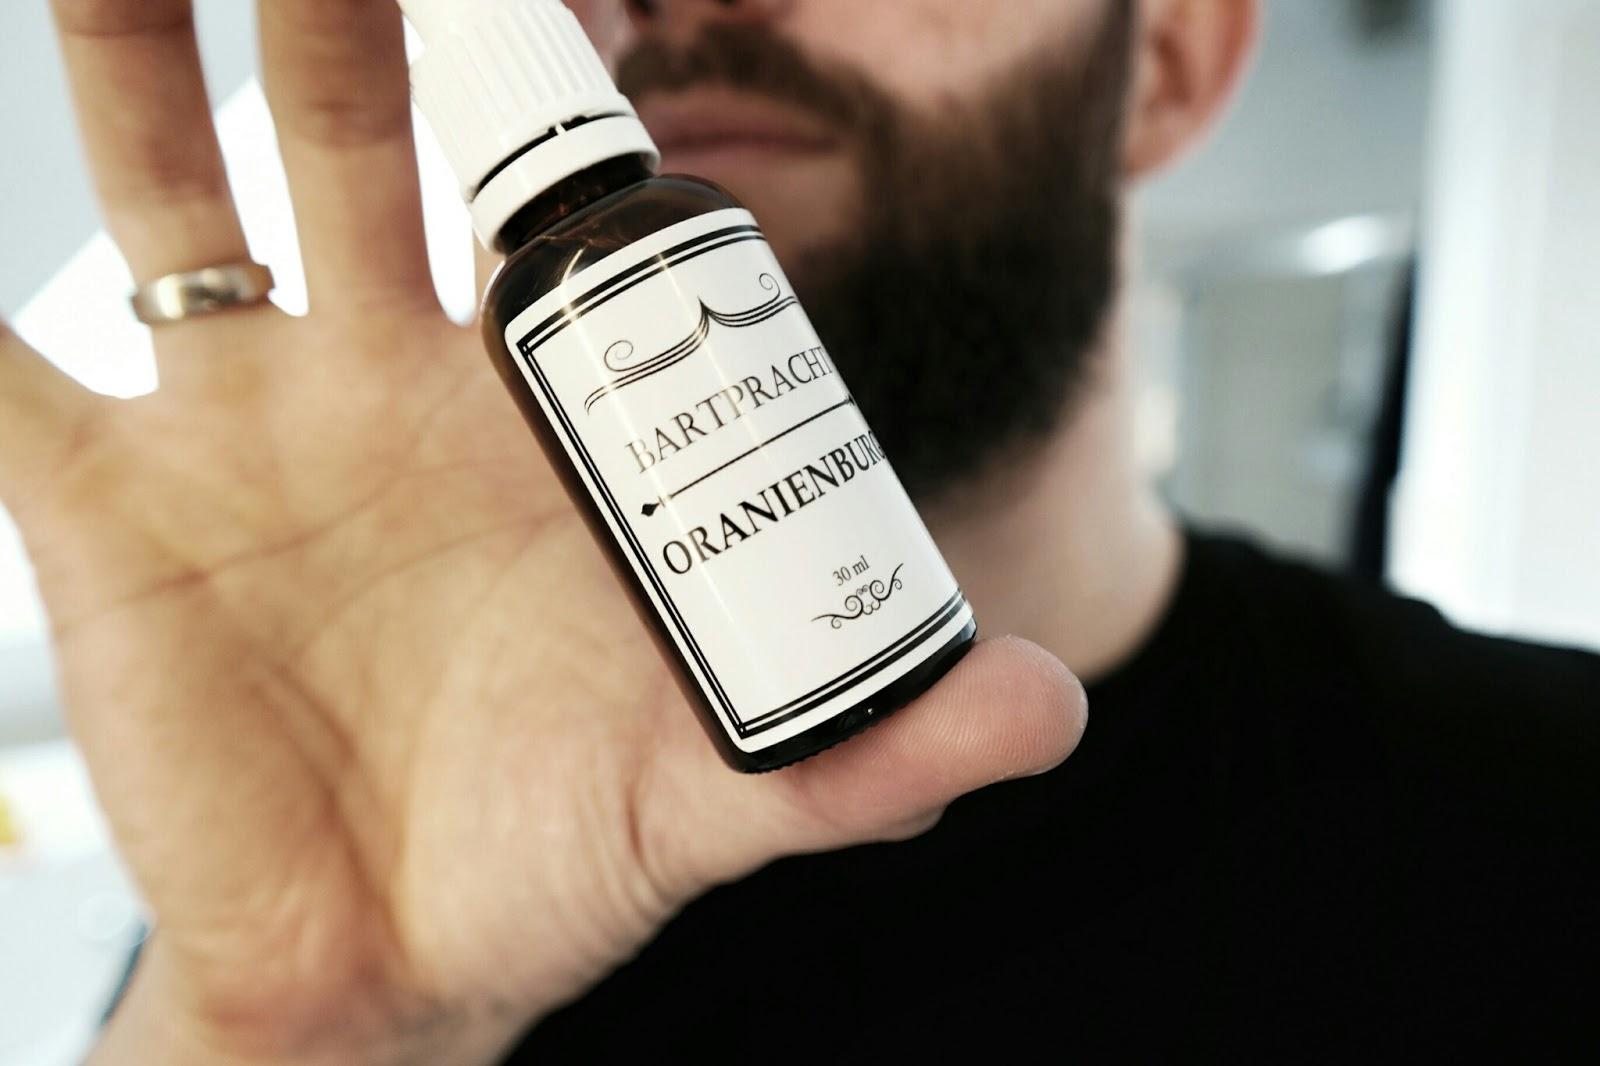 Gentleman, der Bart wird gepflegt - Bartpracht im Atomlabor | Feine Öle für die Gesichtshaare